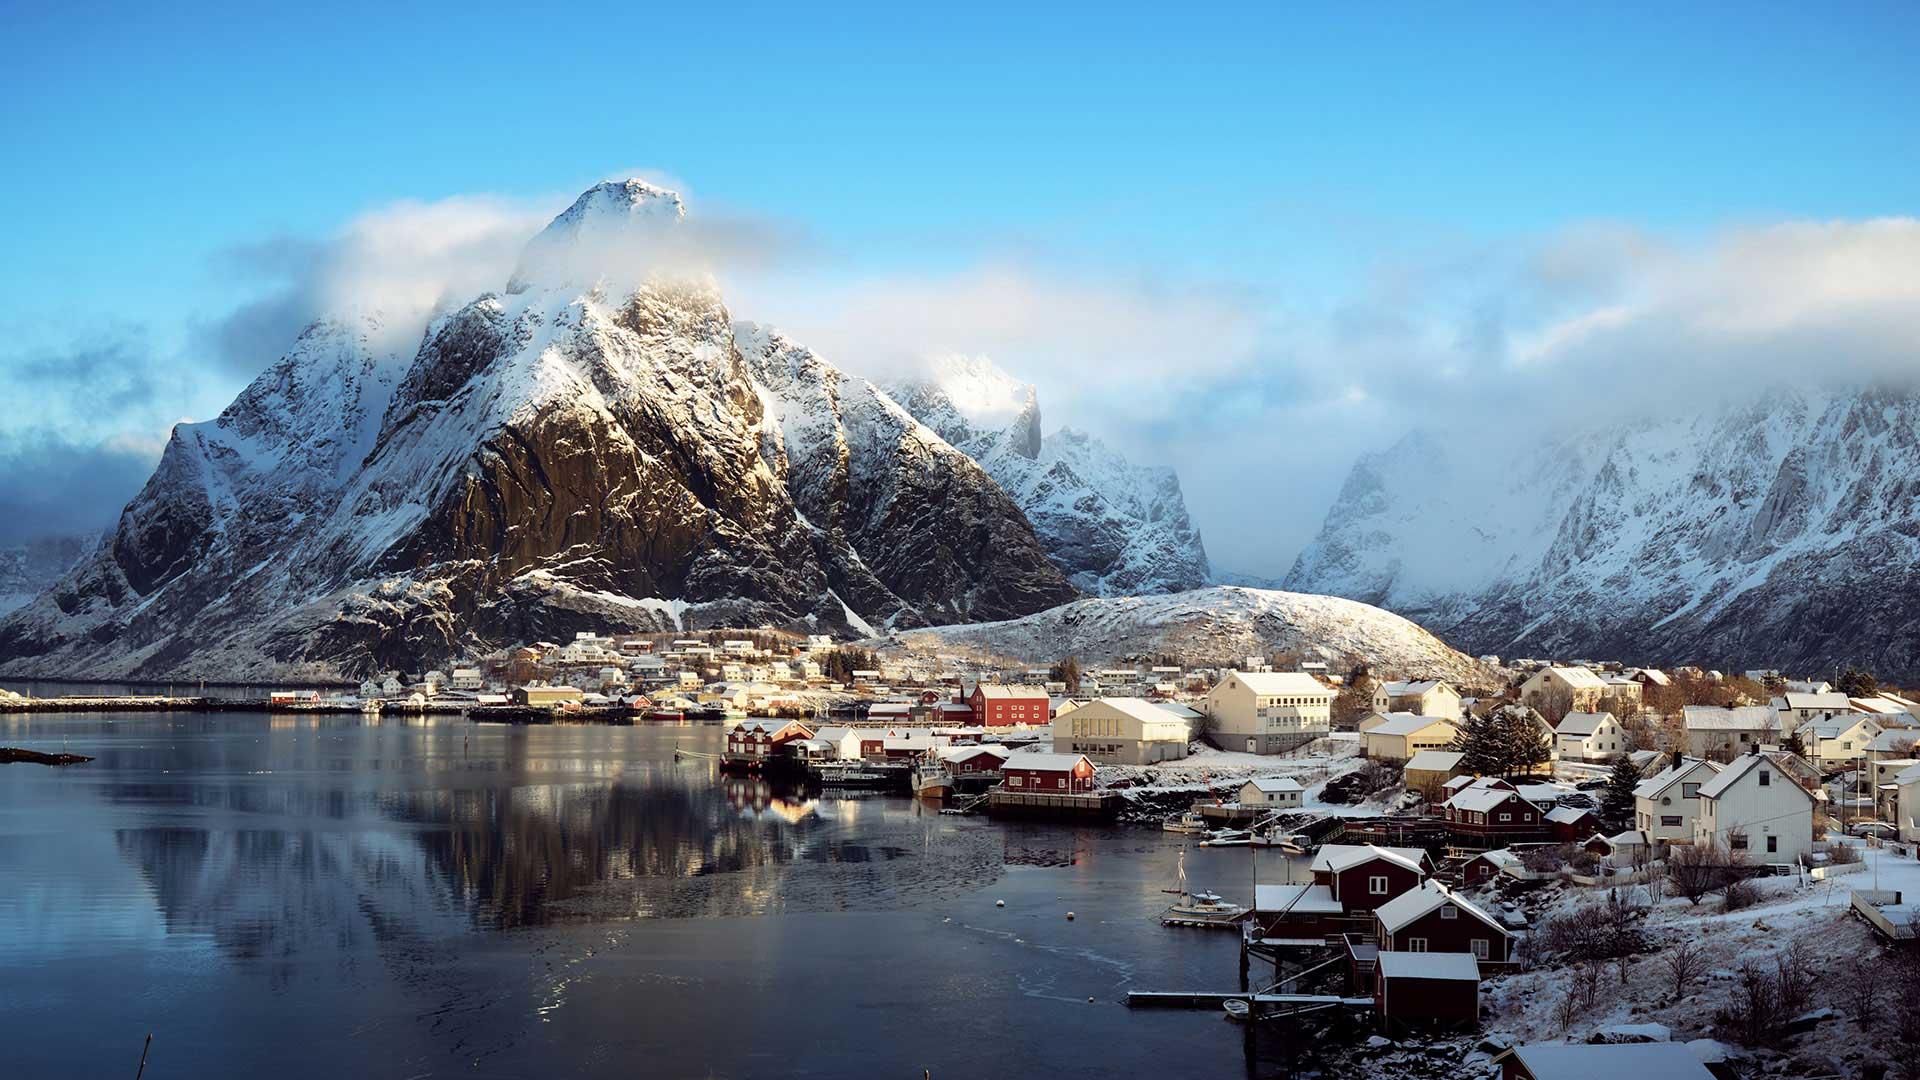 Чудеса світу цього: А ви знали, що норвежці не обігрівають будинки газом?